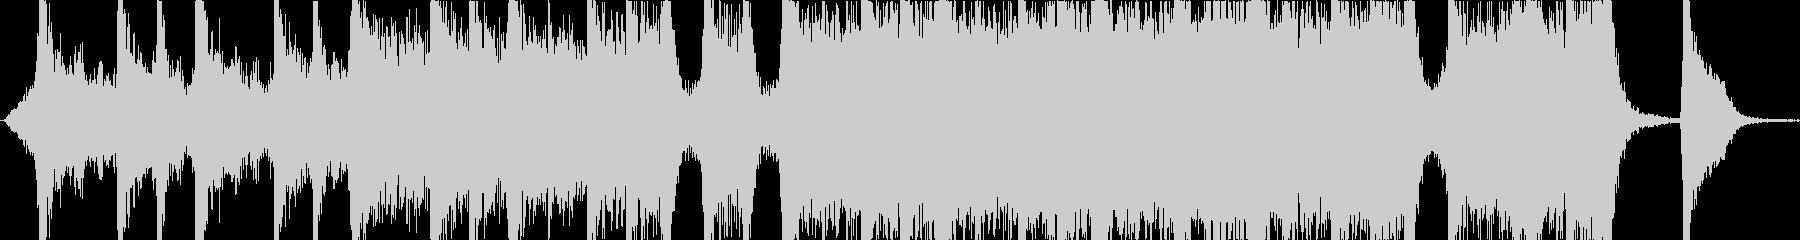 迫力あるハリウッド系オーケストトレーラーの未再生の波形